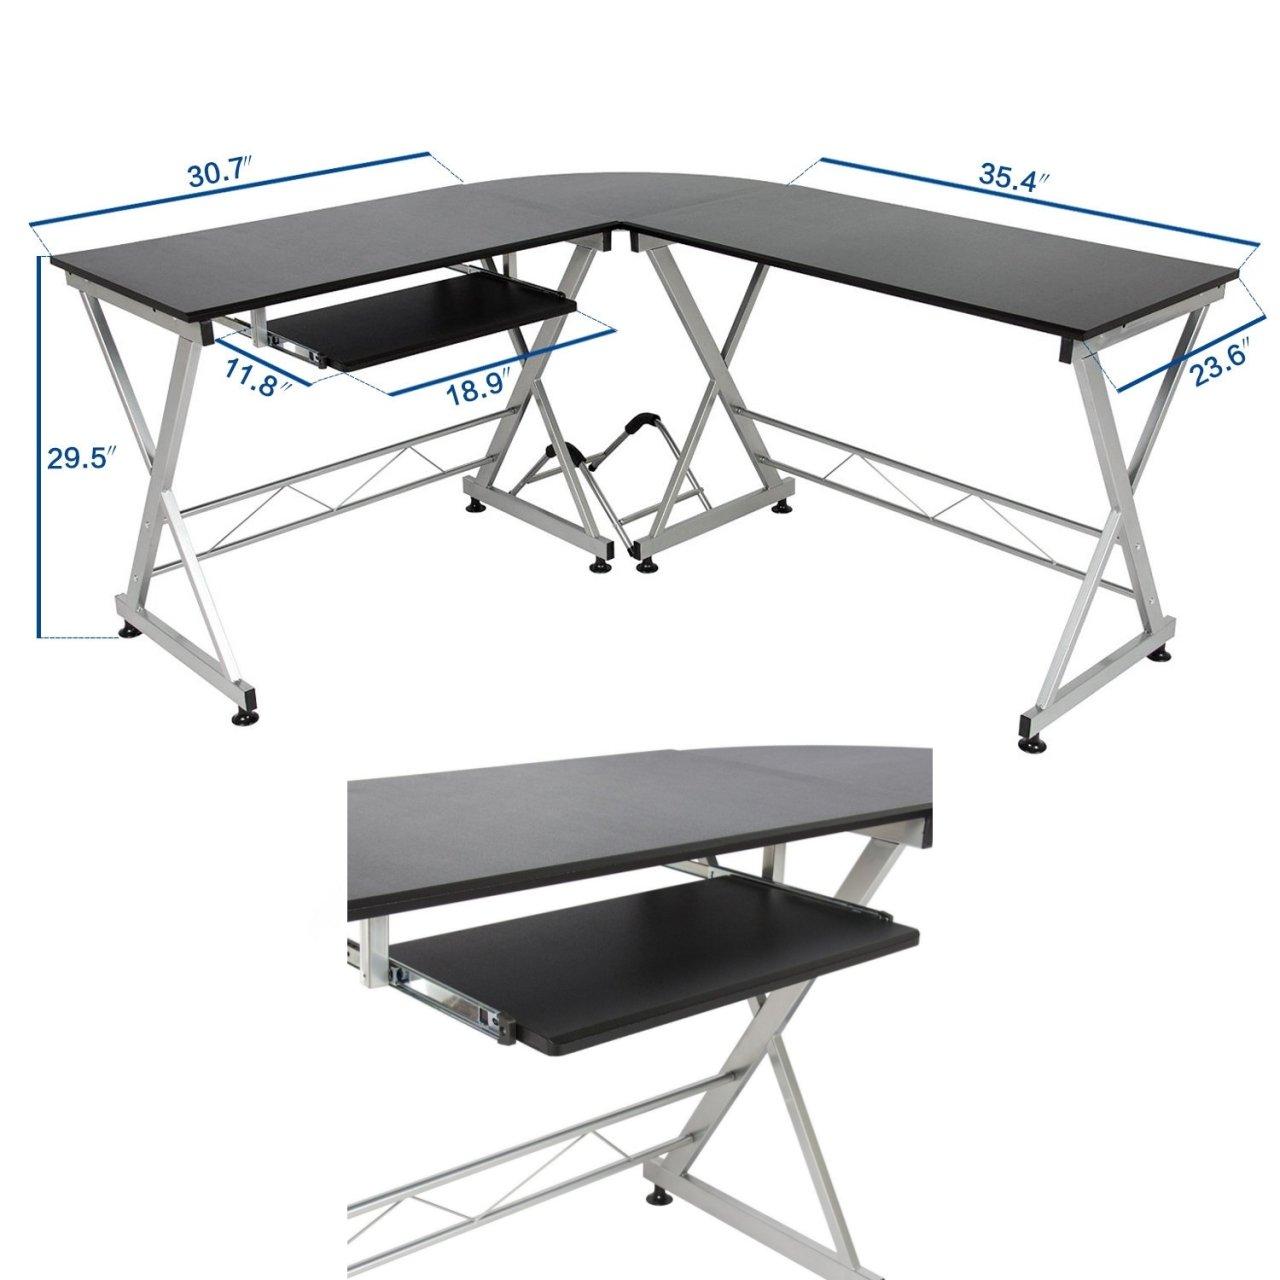 Solid Wood Laptop Computer Desk Corner PC Table Workstation Home Office Decor Furniture/ Black #1037 by Koonlert@shop